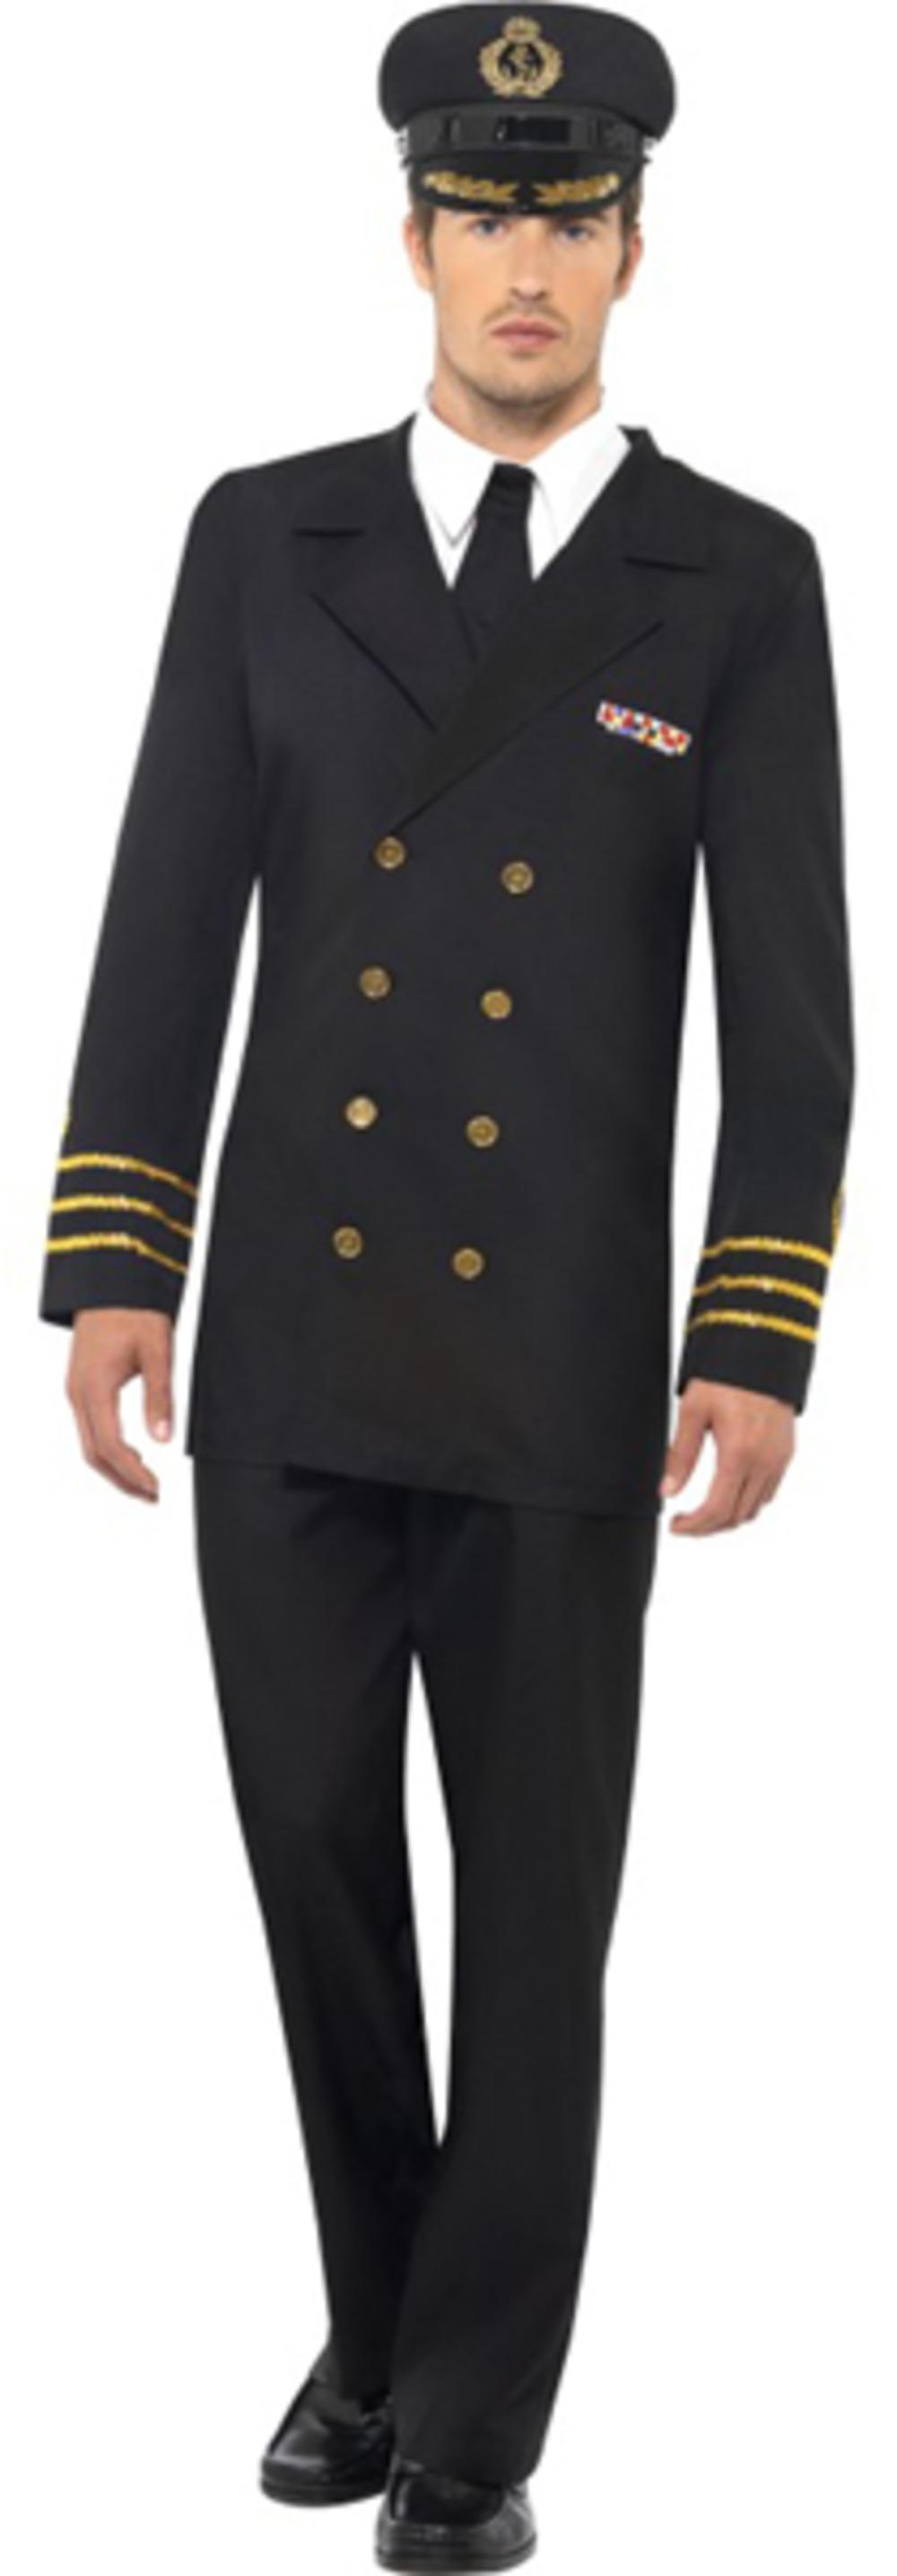 Black Navy Officer Costume